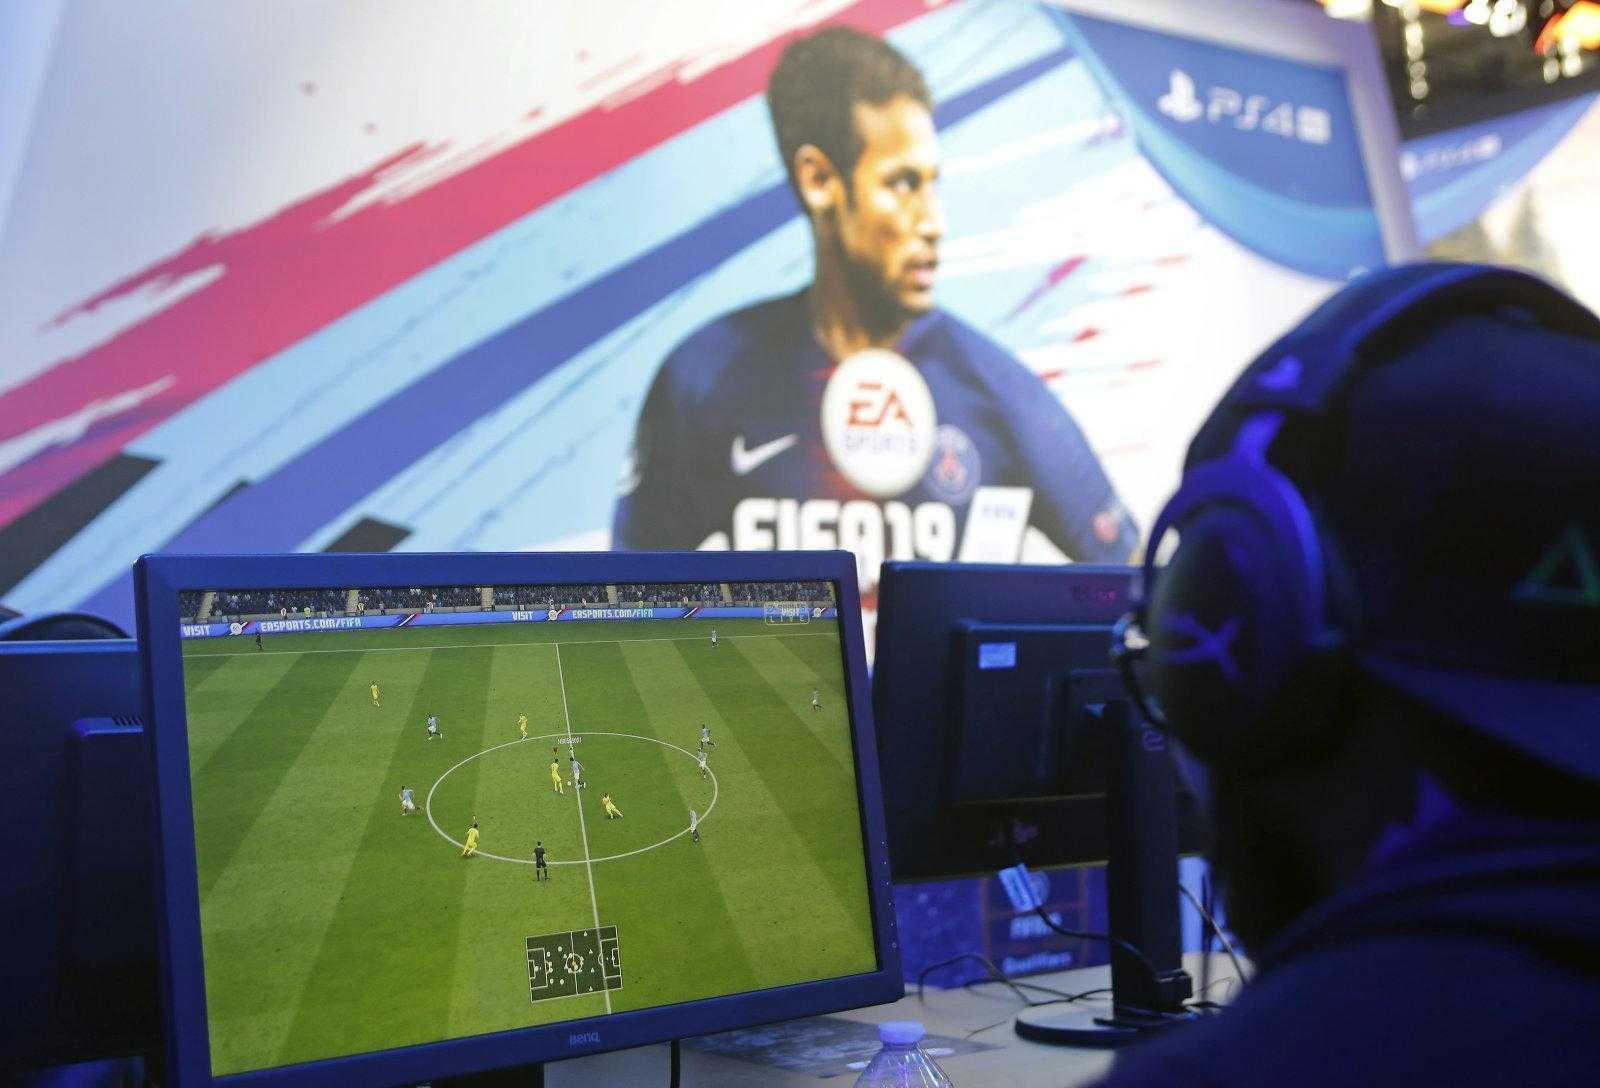 Бельгия запретила лутбоксы в FIFA